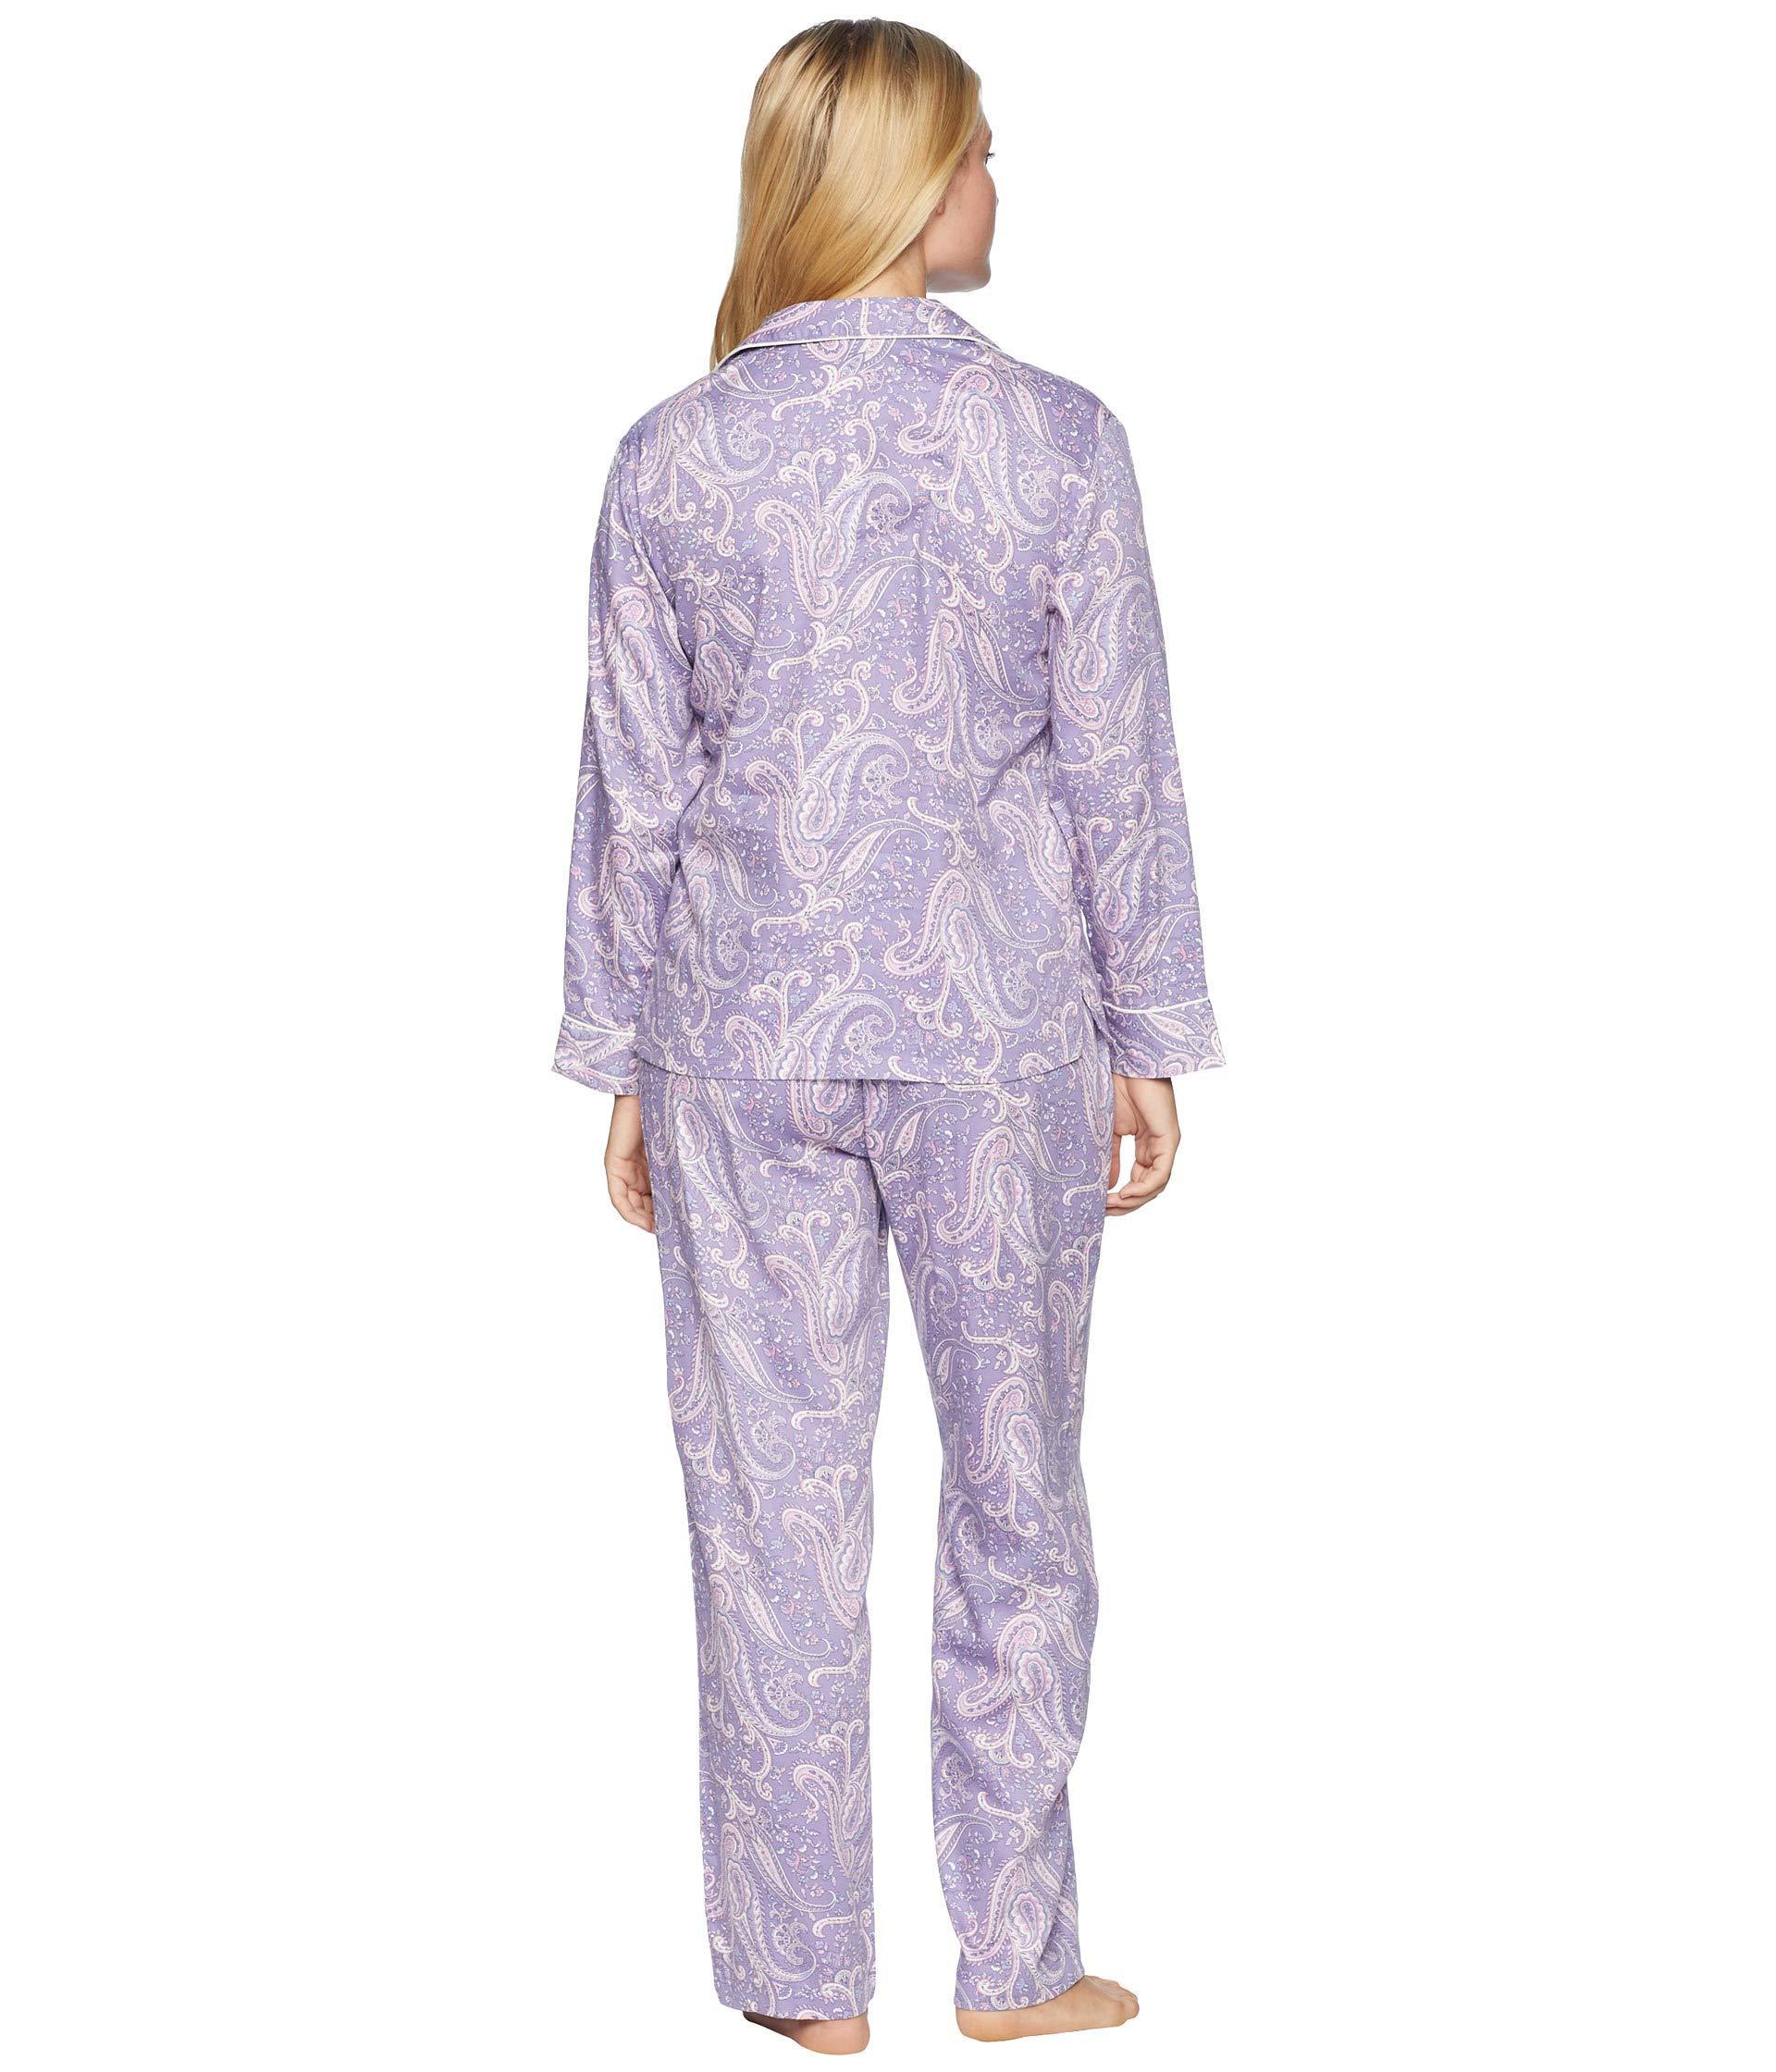 d019f515e77c Lyst - Lauren by Ralph Lauren Petite Classic Woven Long Sleeve ...